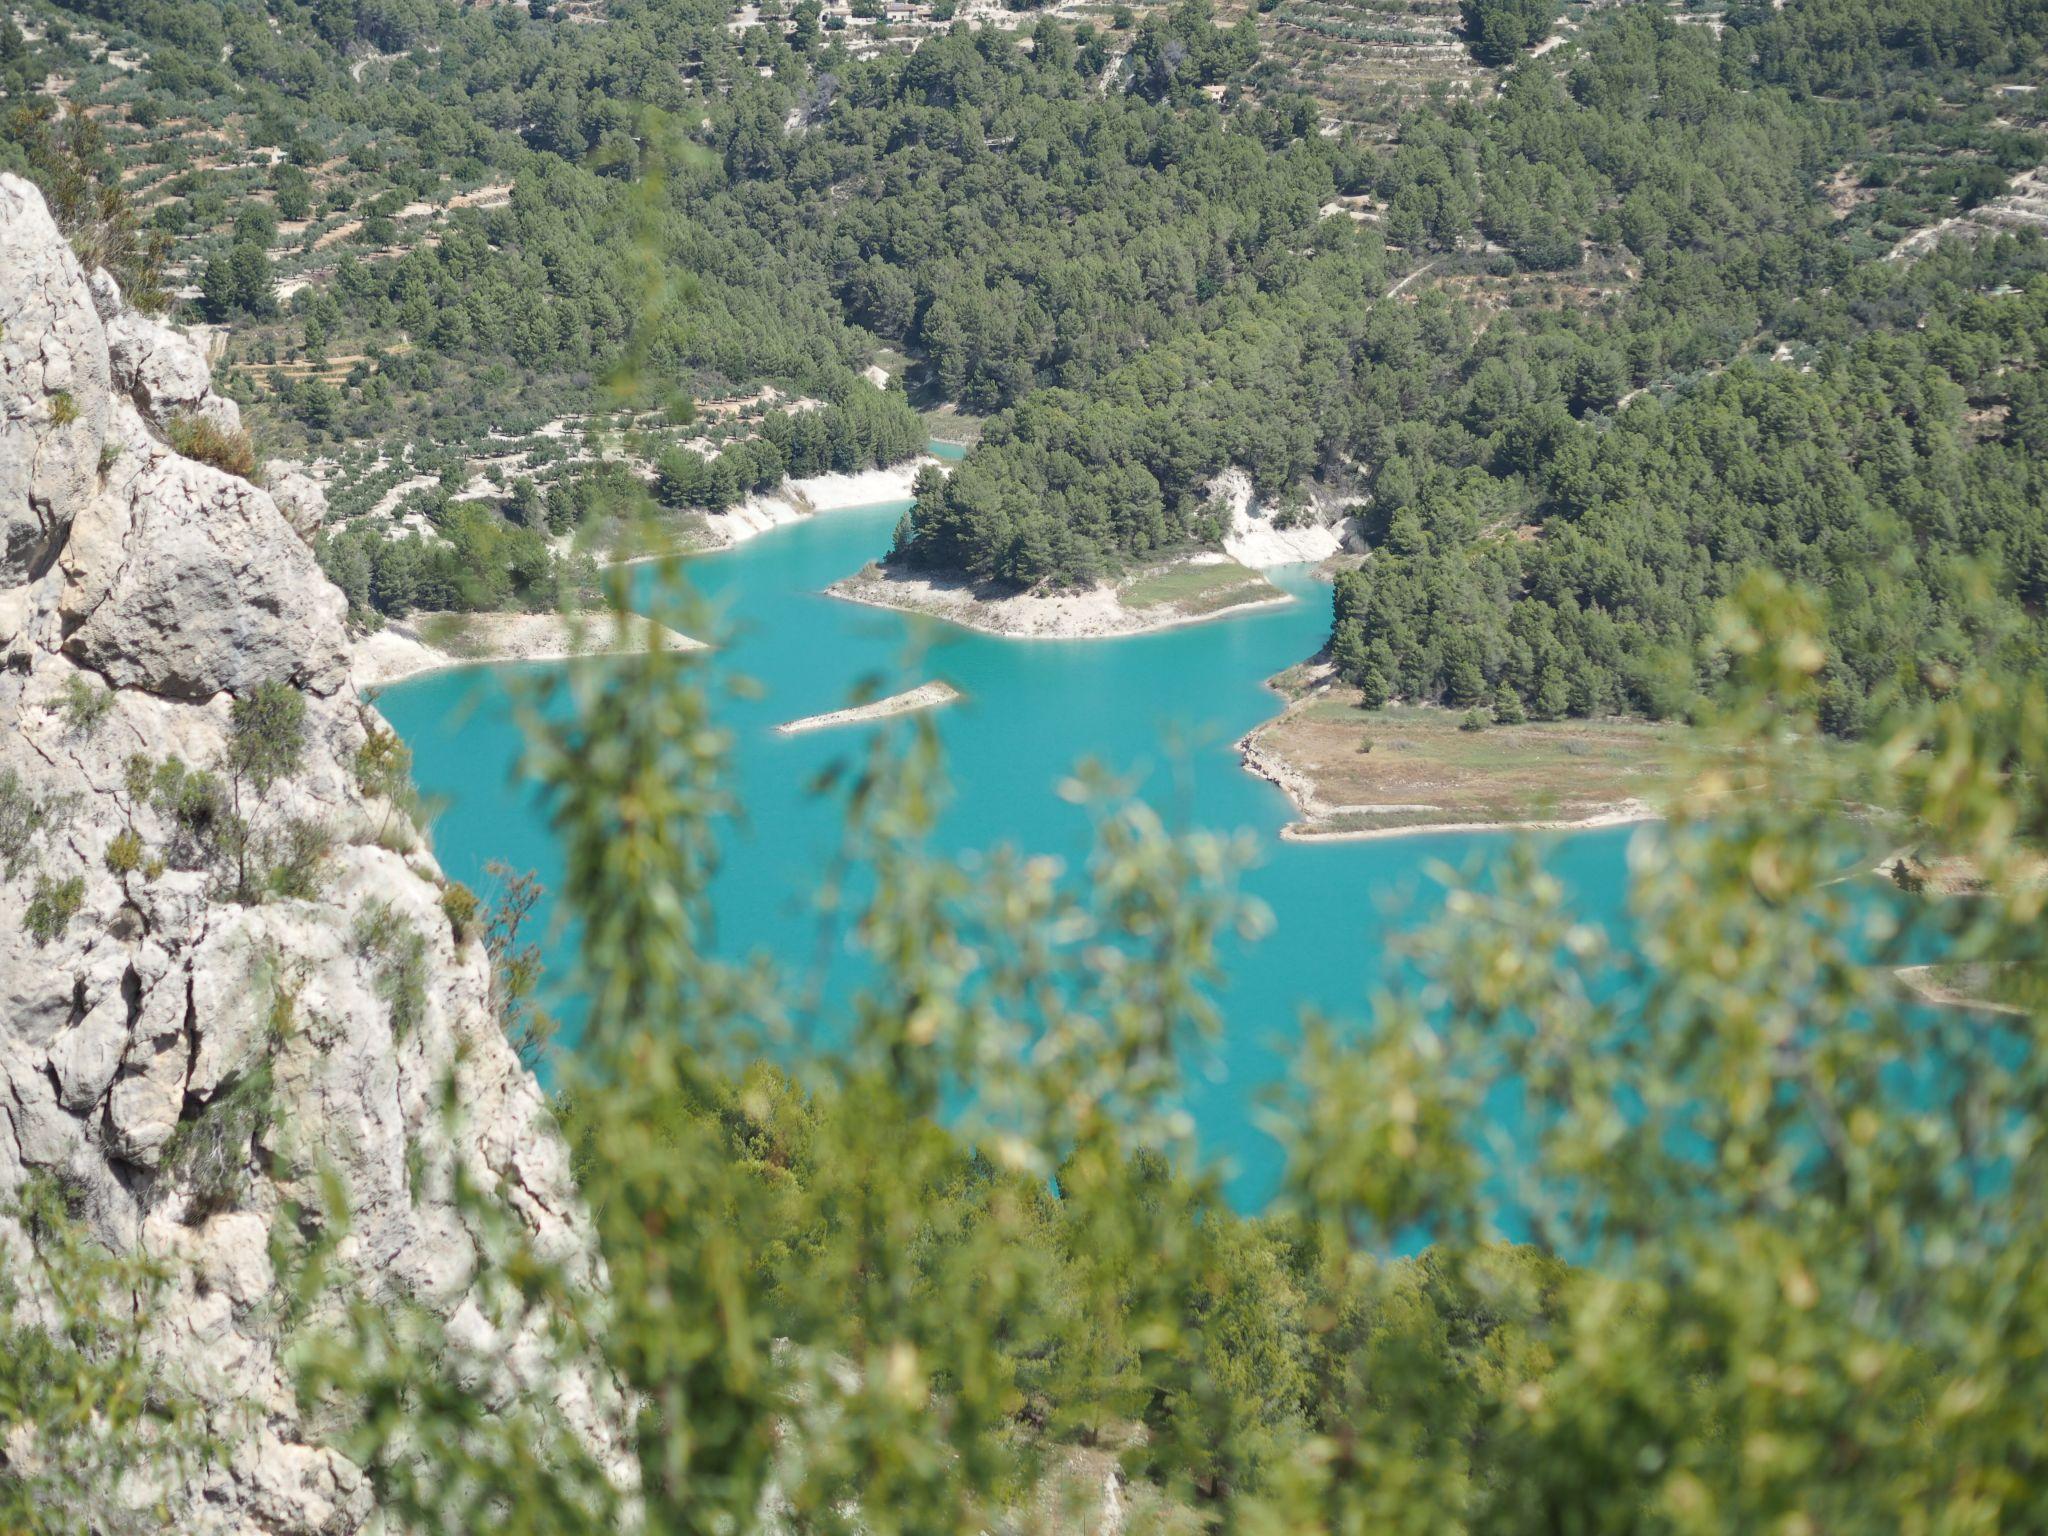 vies of Guadalest reservoir